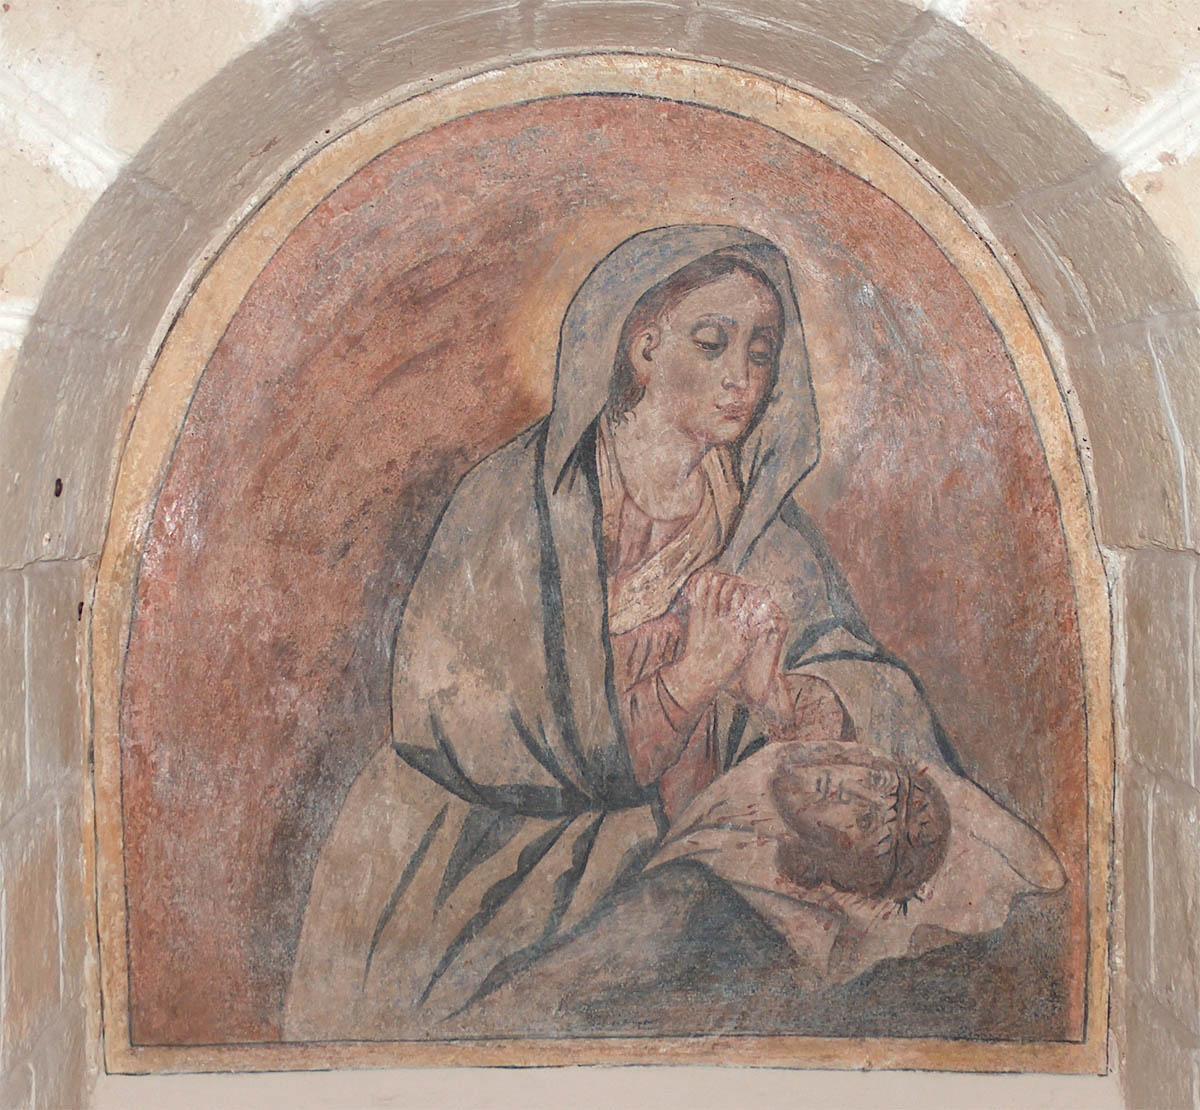 Pittura murale della Veronica a Masseria Incantalupi